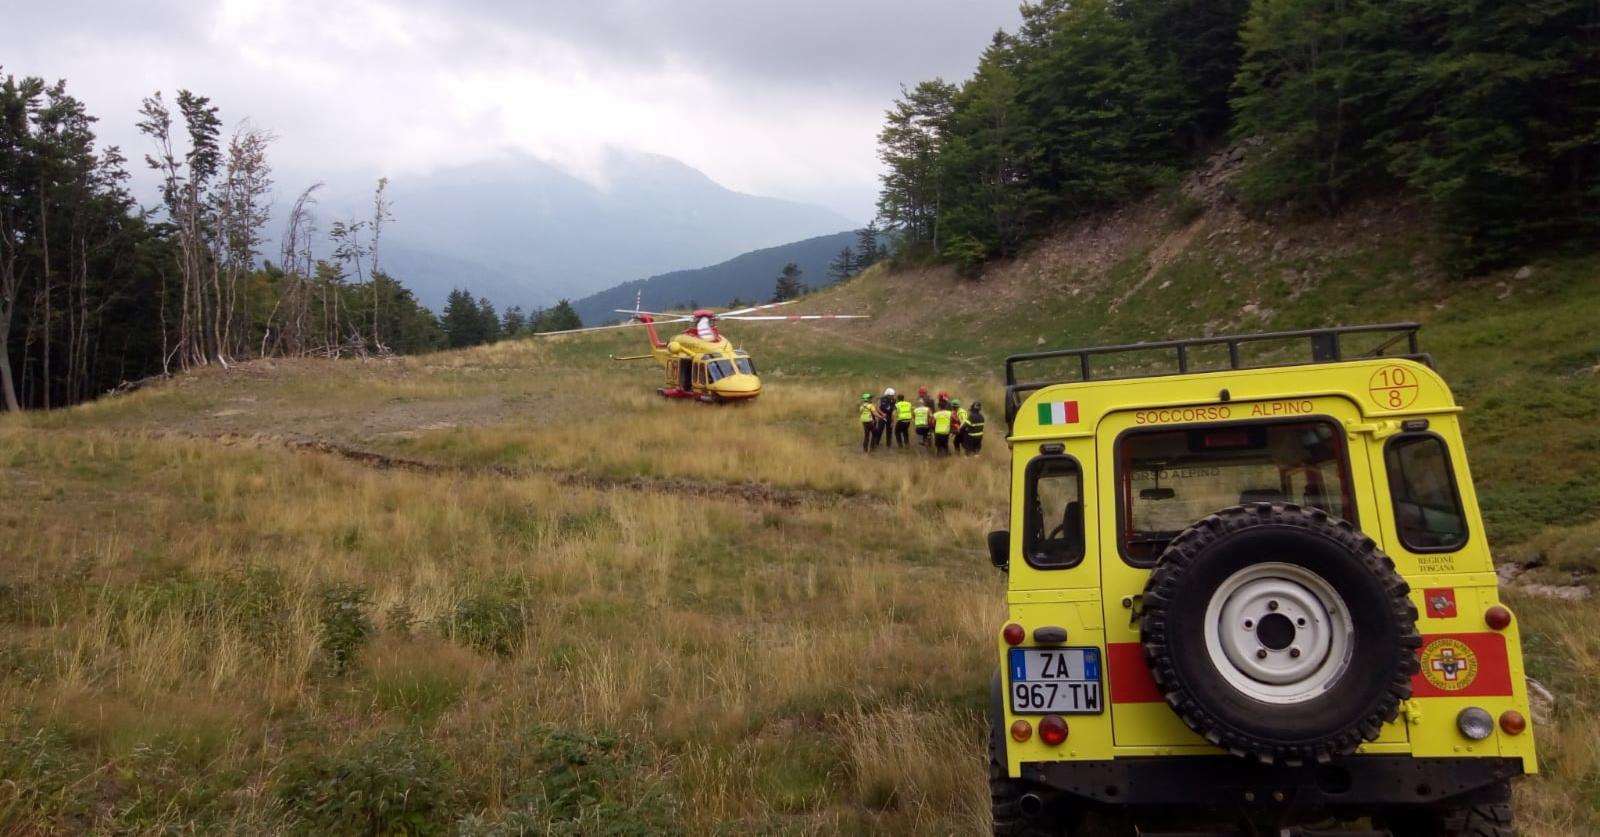 Intervento della Stazione Appennino del Soccorso Alpino Toscnano sulle piste dell'abetone per un biker infortunato